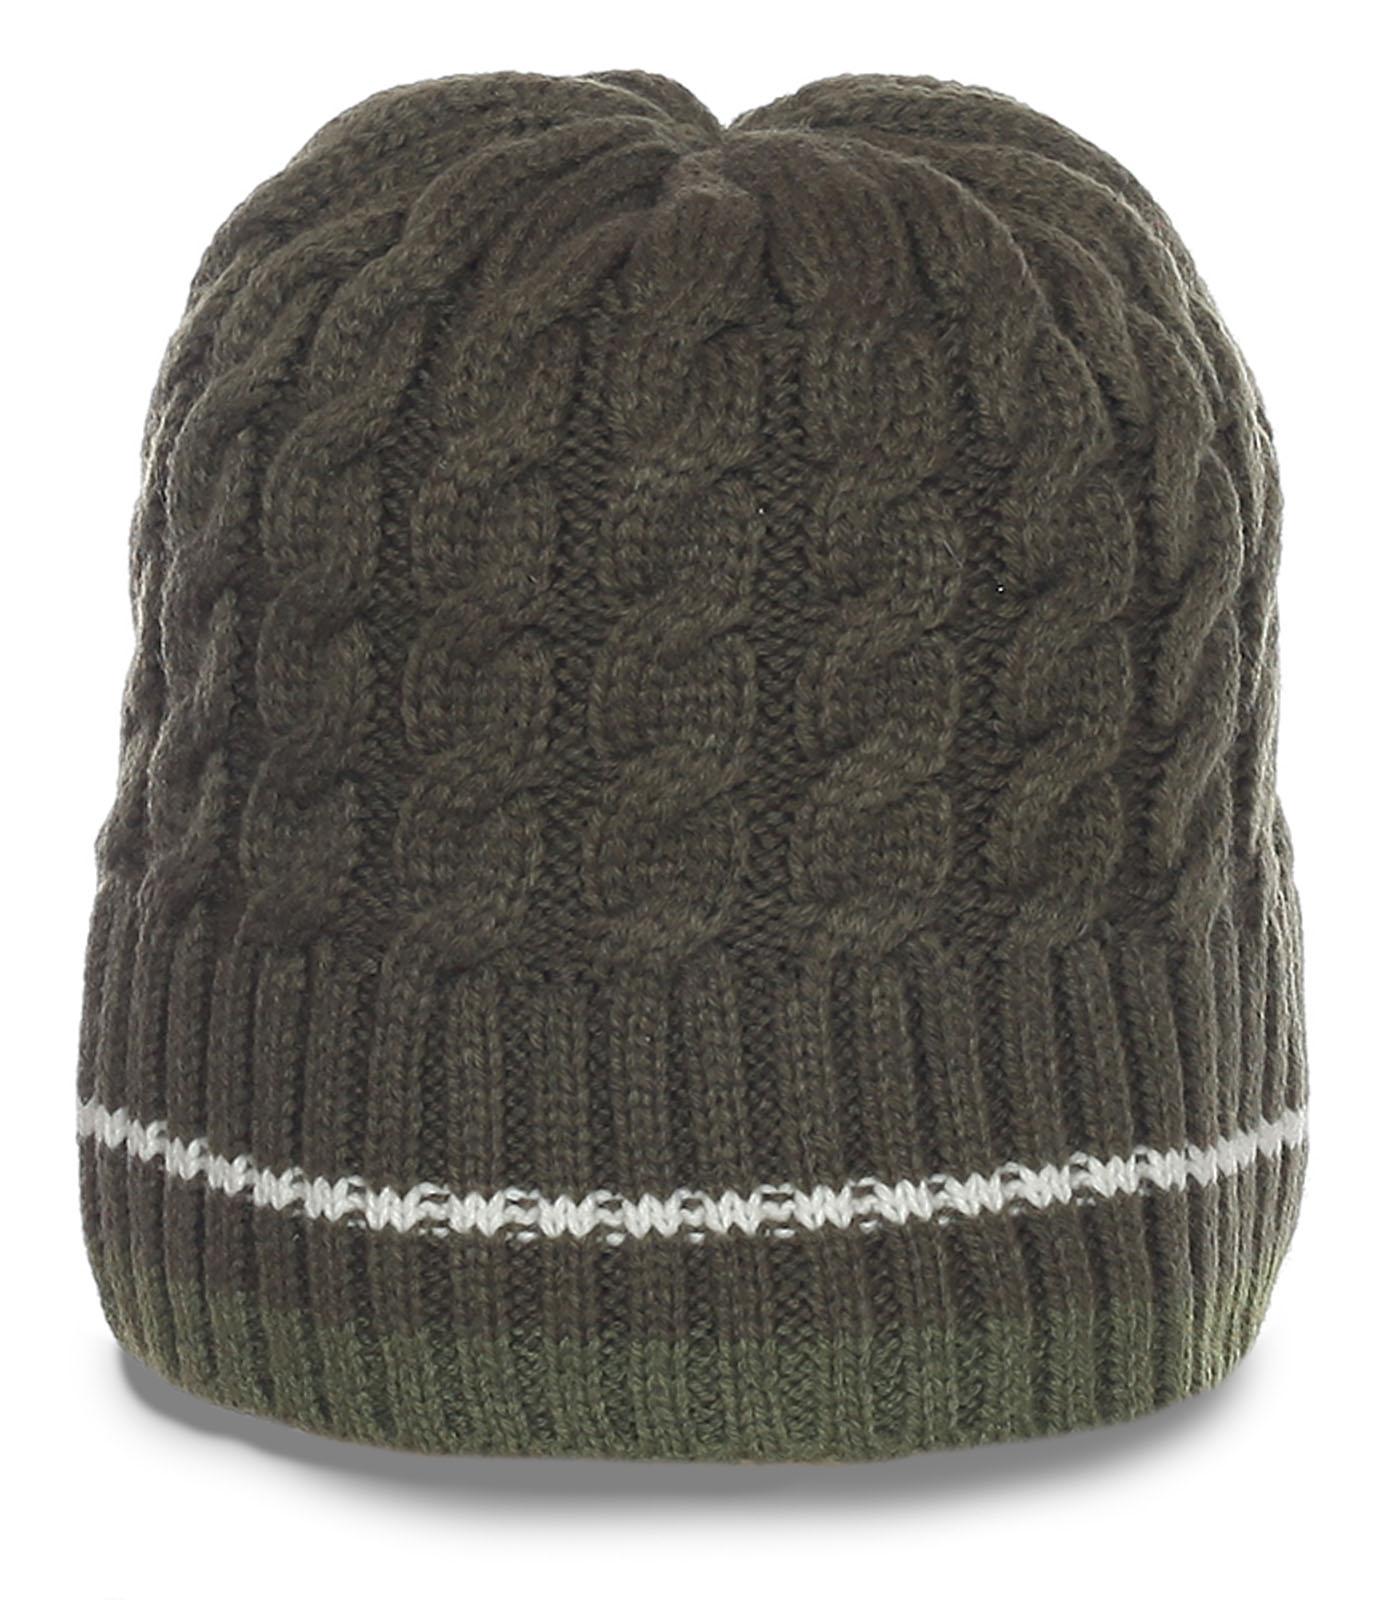 Гламурная мужская шапка с рельефным узором утепленная флисом освежит ваш лук